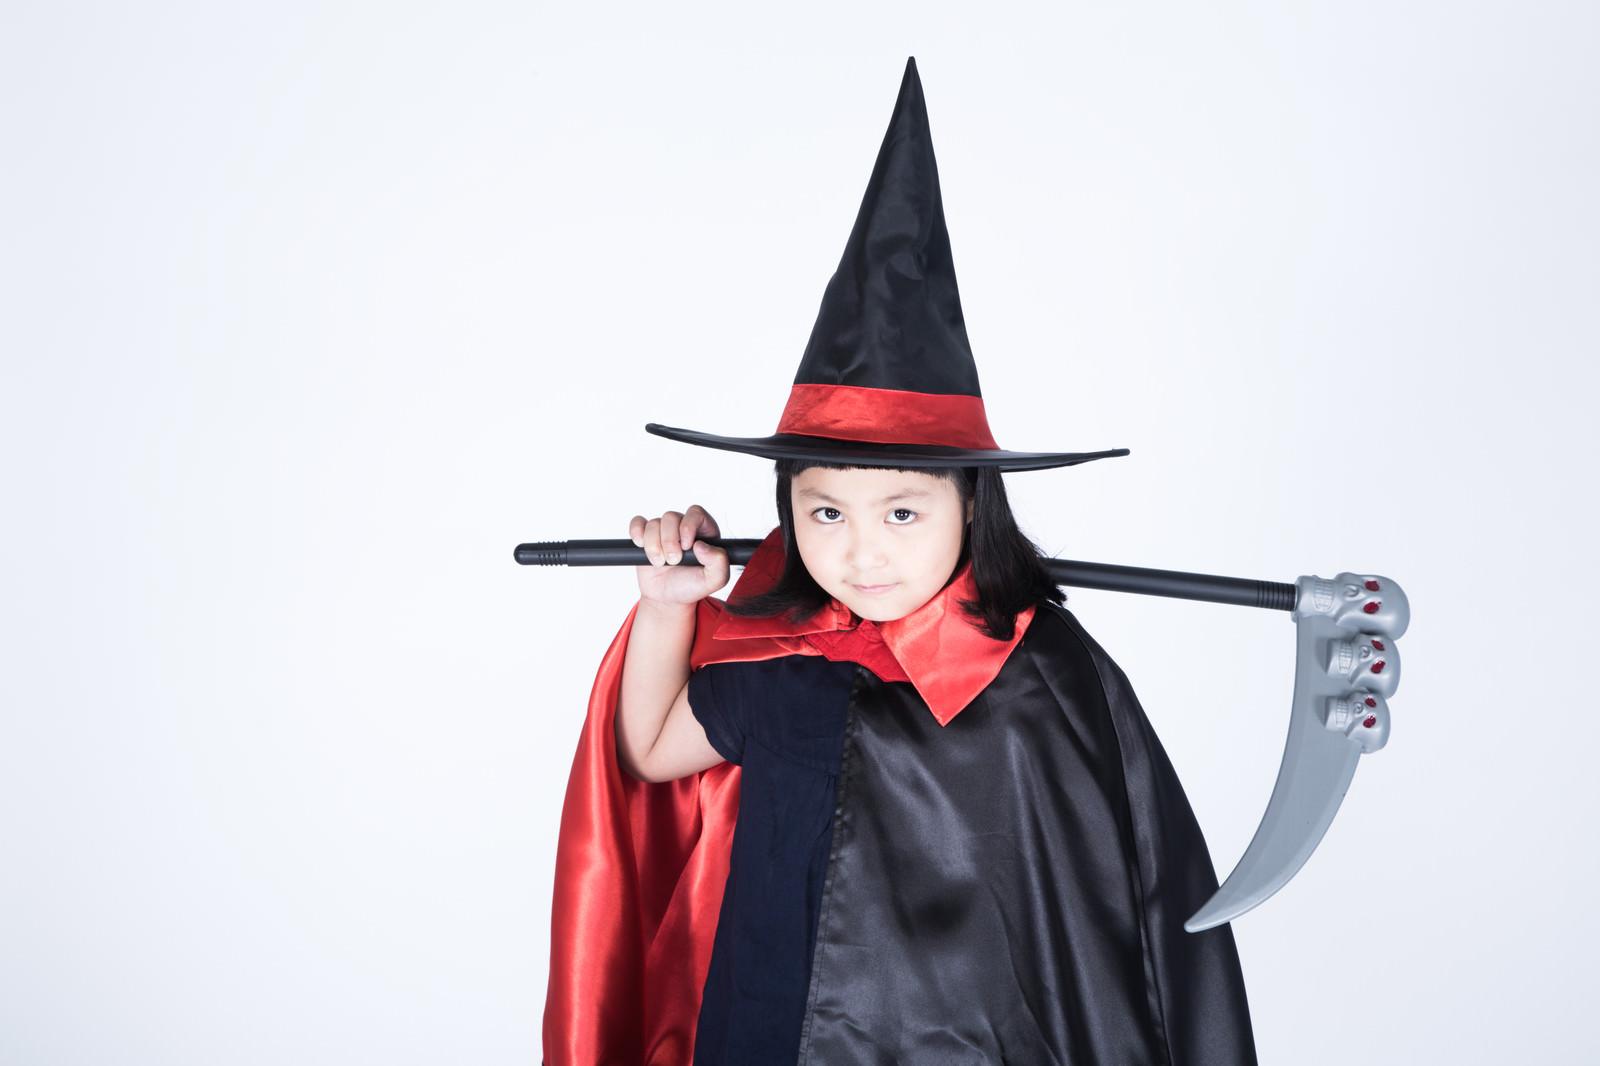 「魔女の仮装をした娘に死神の鎌を持たせてみました」の写真[モデル:ゆうき]